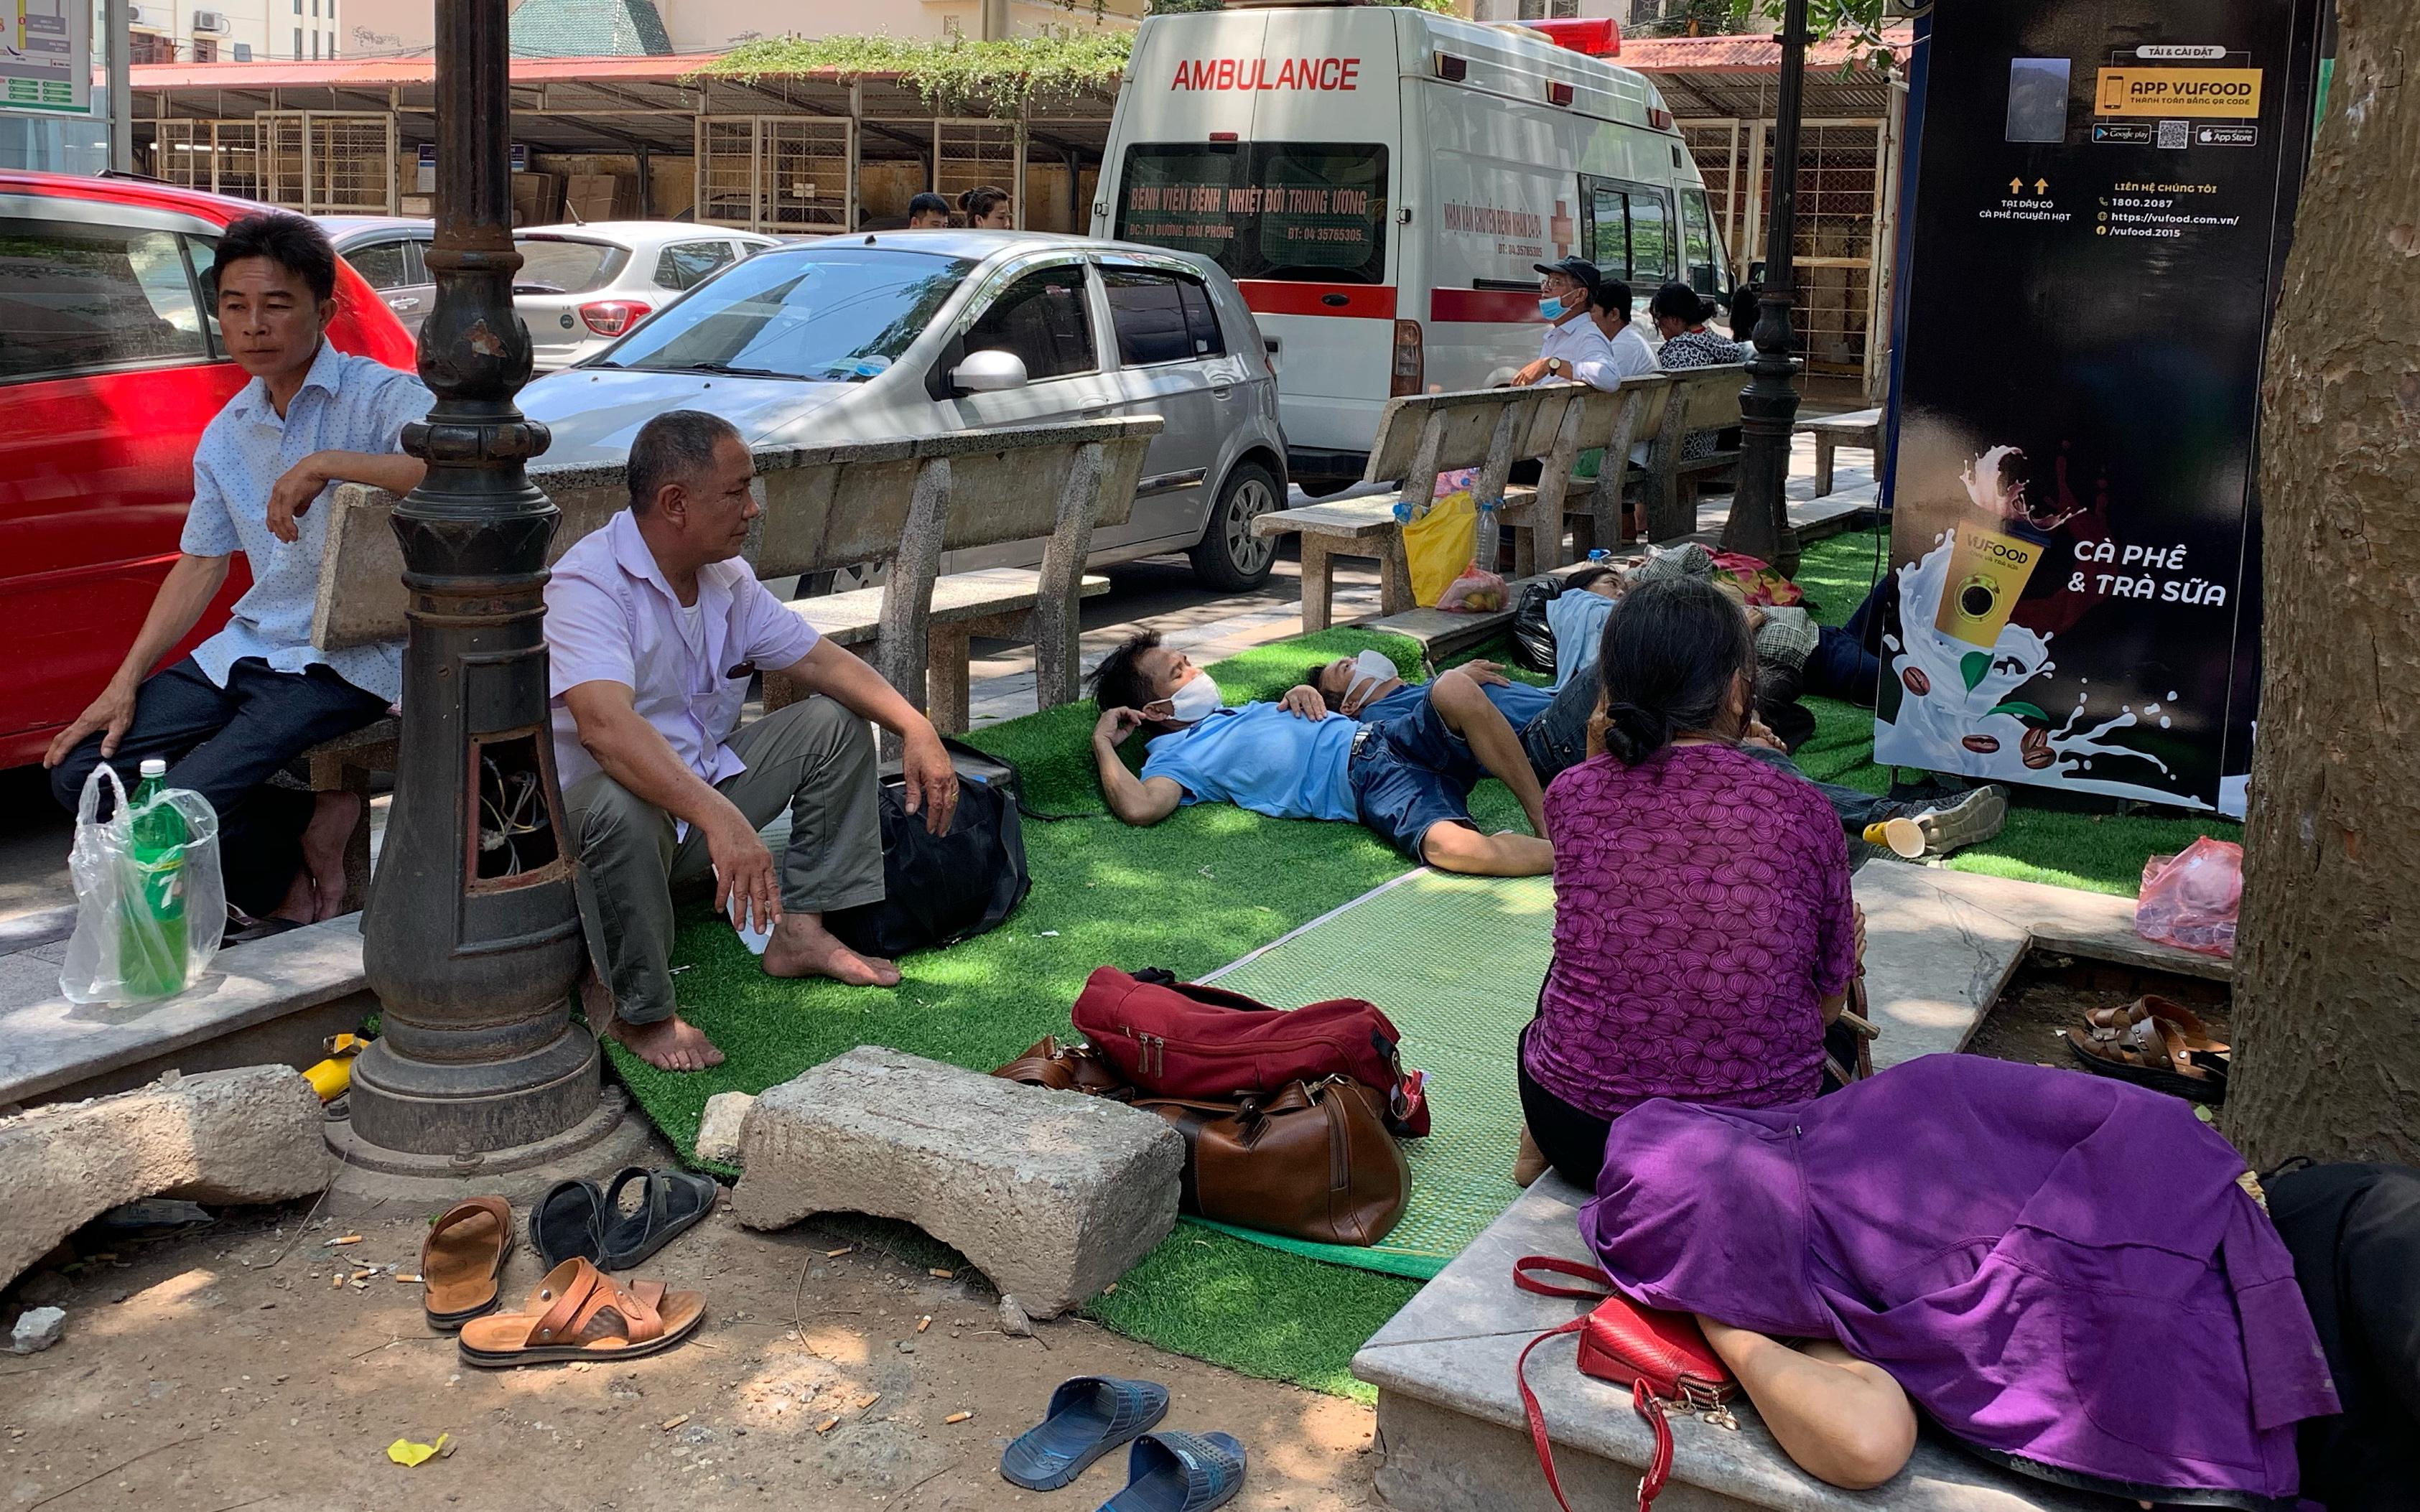 Hà Nội: Chọn hành lang, vỉa hè làm nơi ngả lưng, thân nhân người bệnh vạ vật trong những ngày nắng nóng